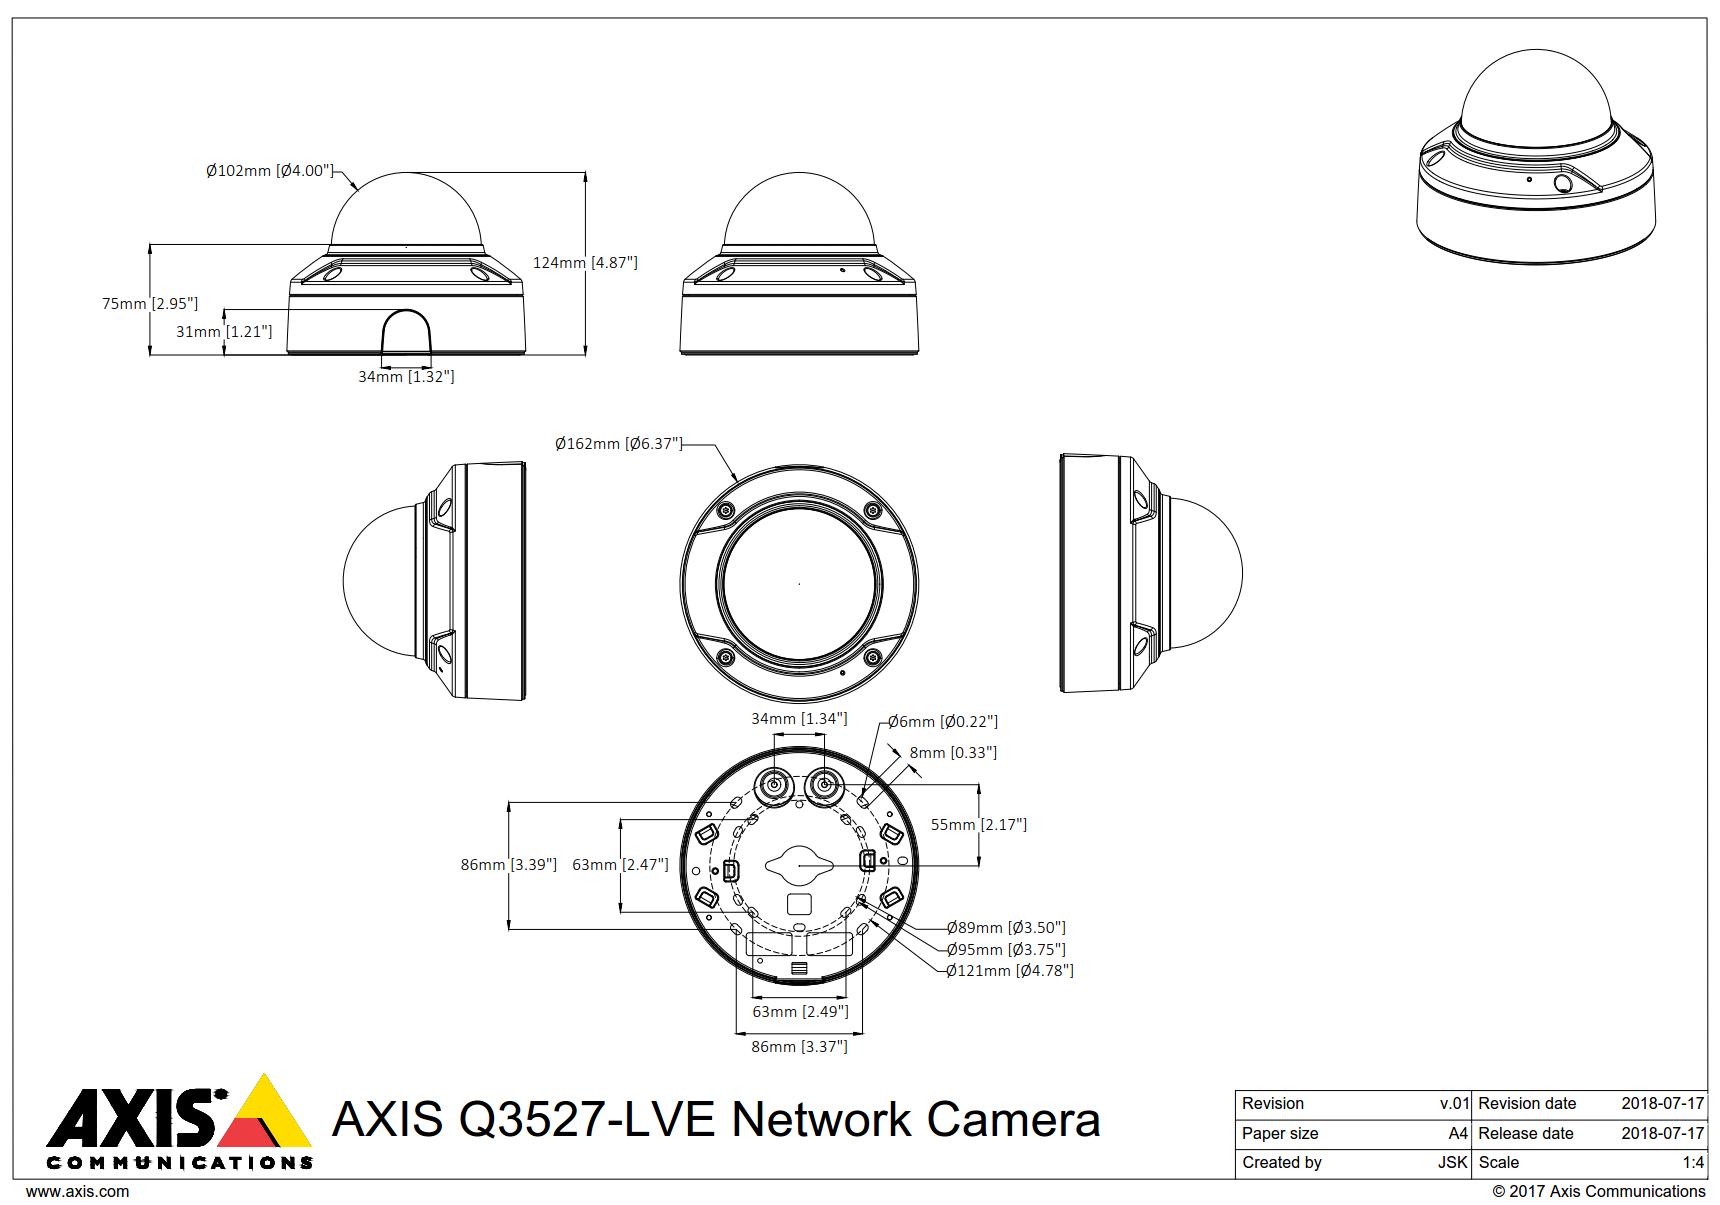 Q3527-LVE Dimensions